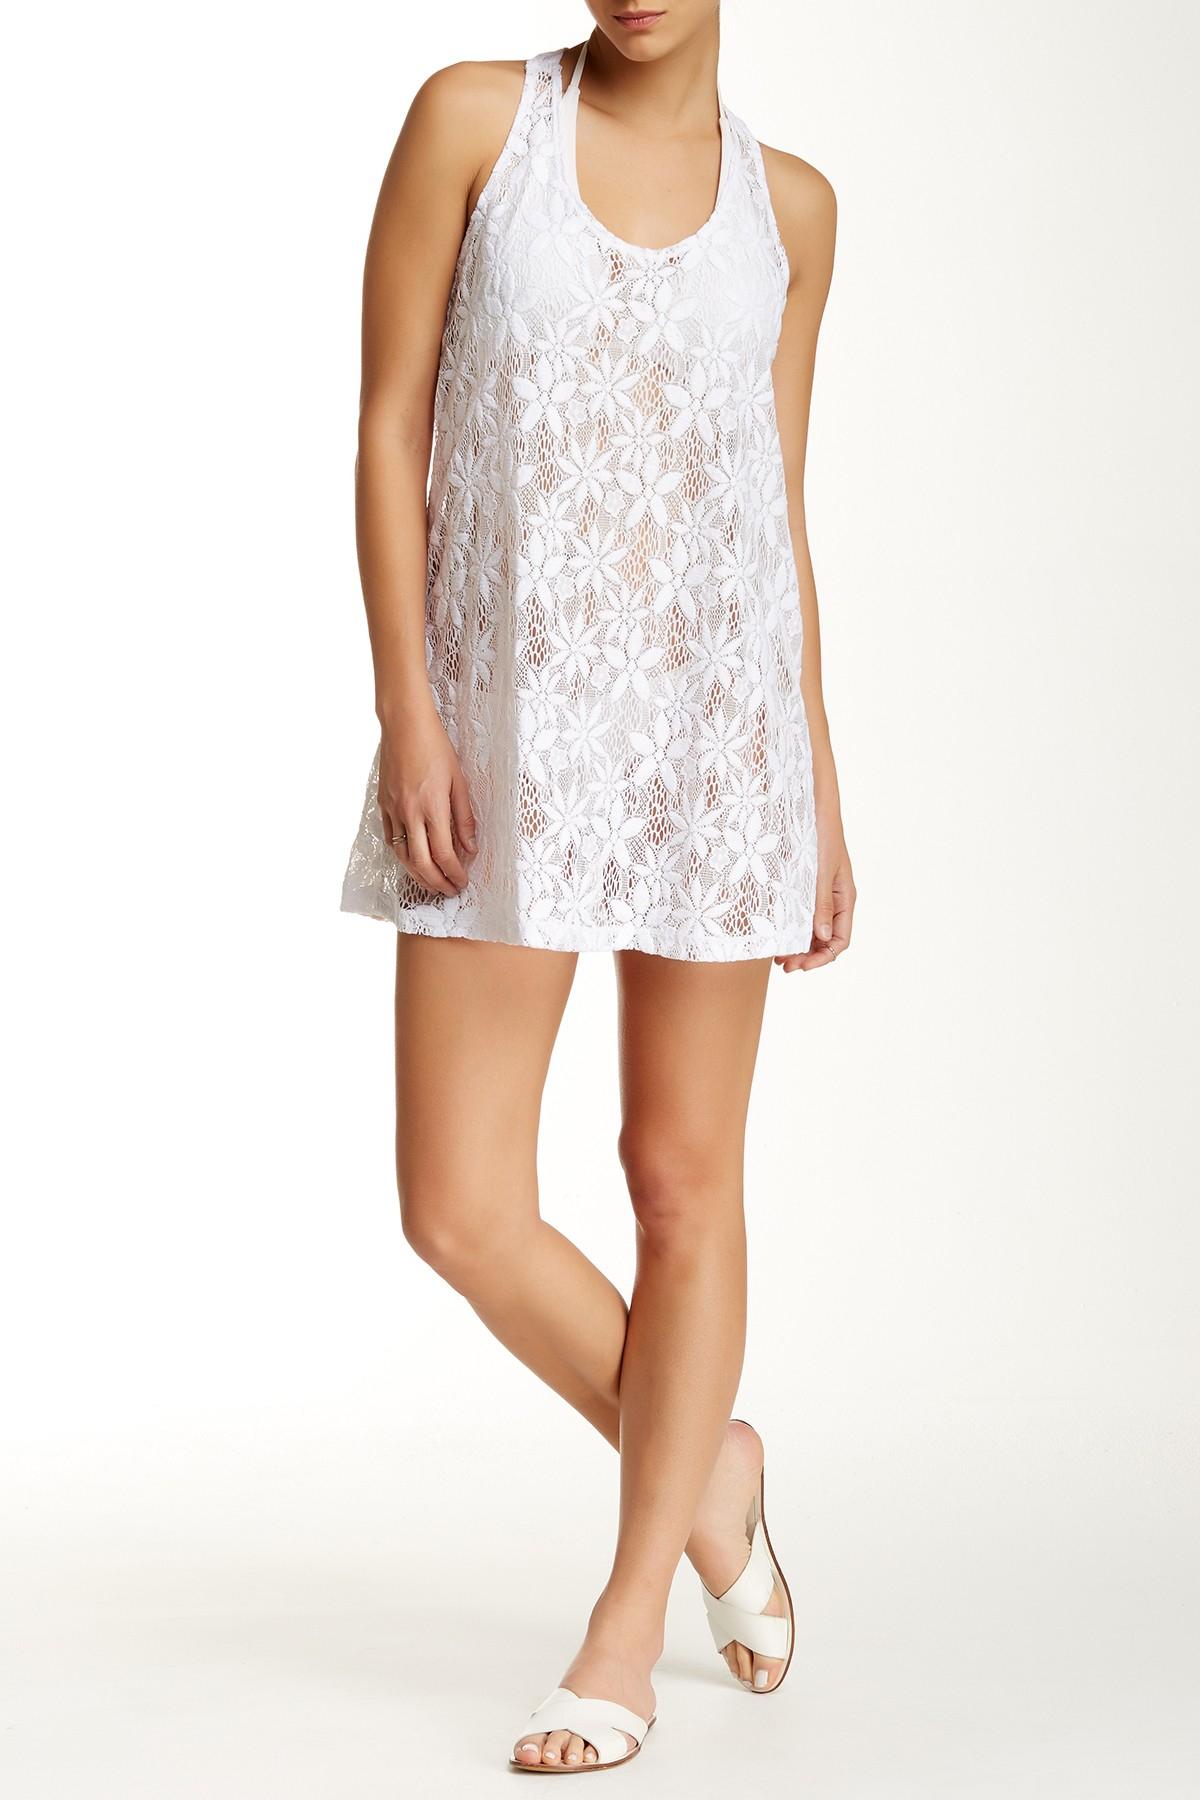 f80d670db9 Lyst - J Valdi Daisy Crochet T-back Tank Dress in White